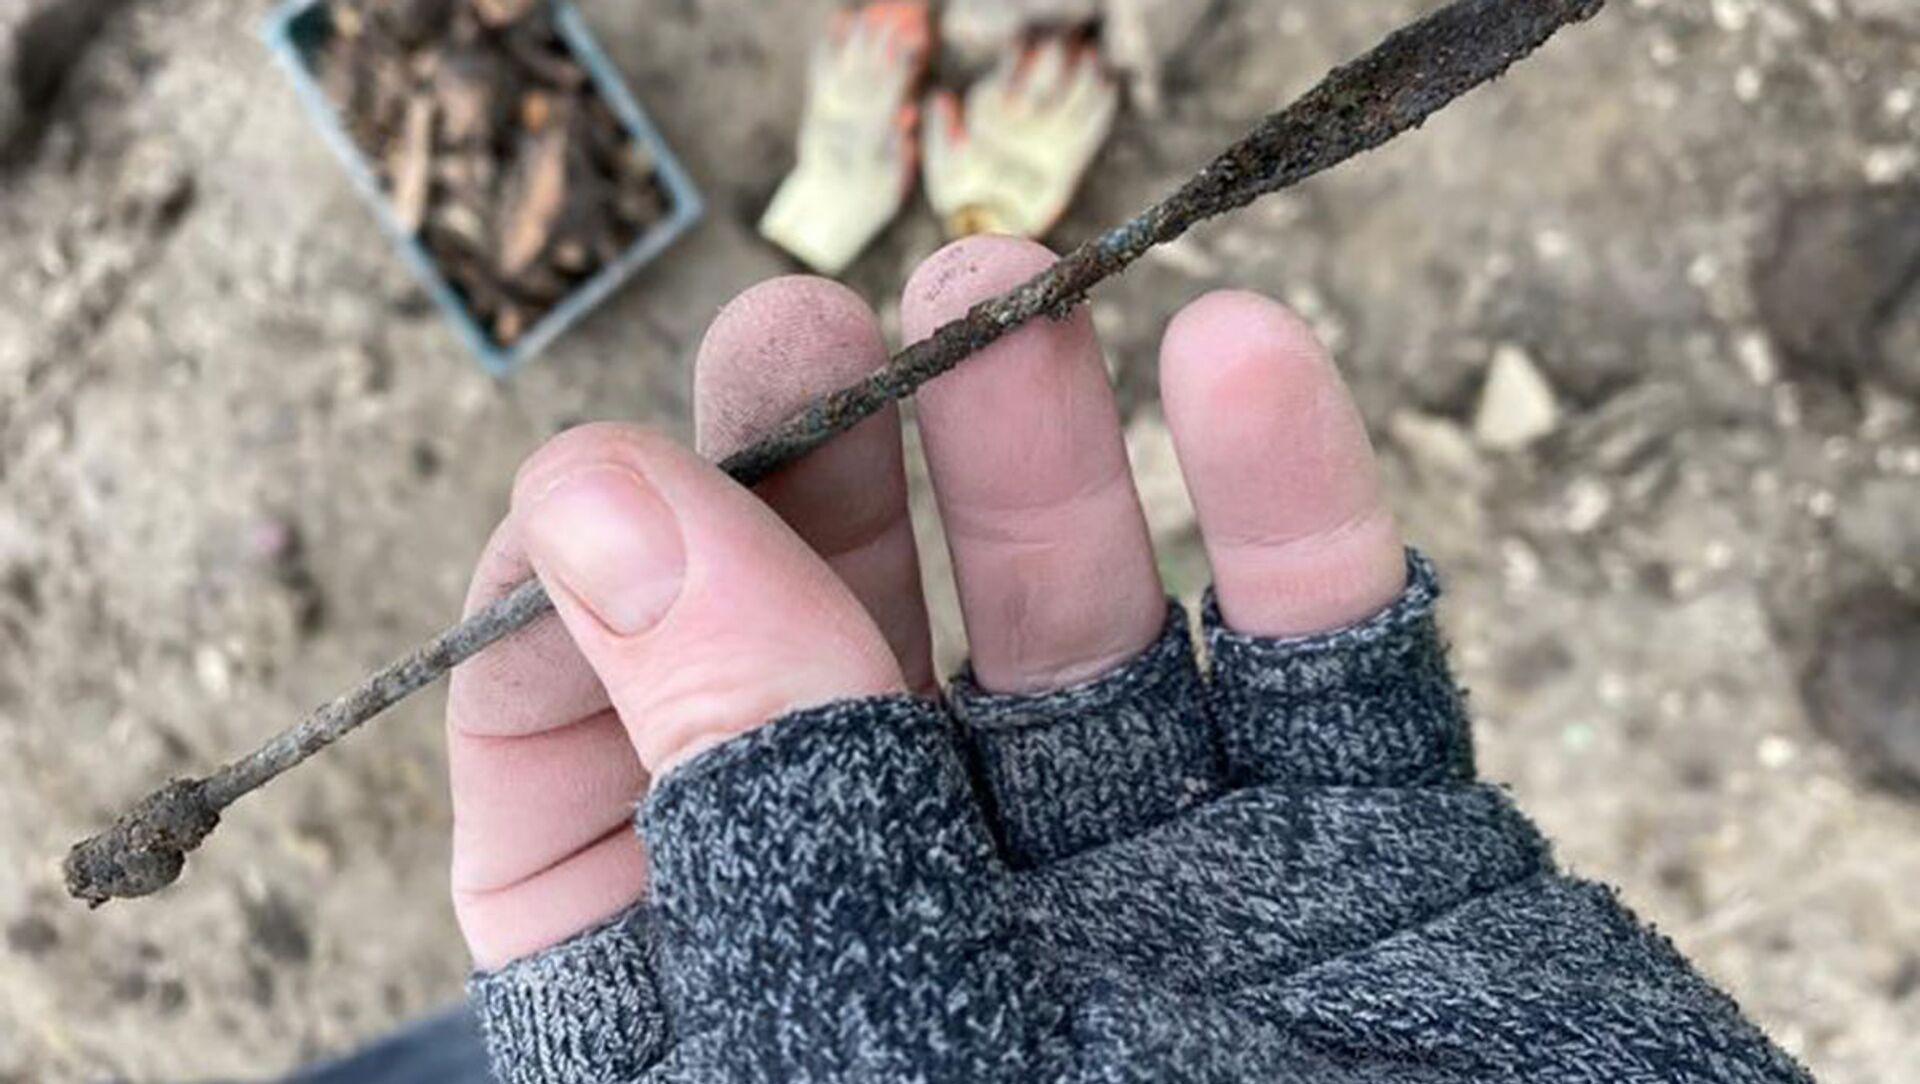 Come si viveva nell'età del ferro? Sorpresa da uno scavo archeologico - Sputnik Italia, 1920, 14.02.2021